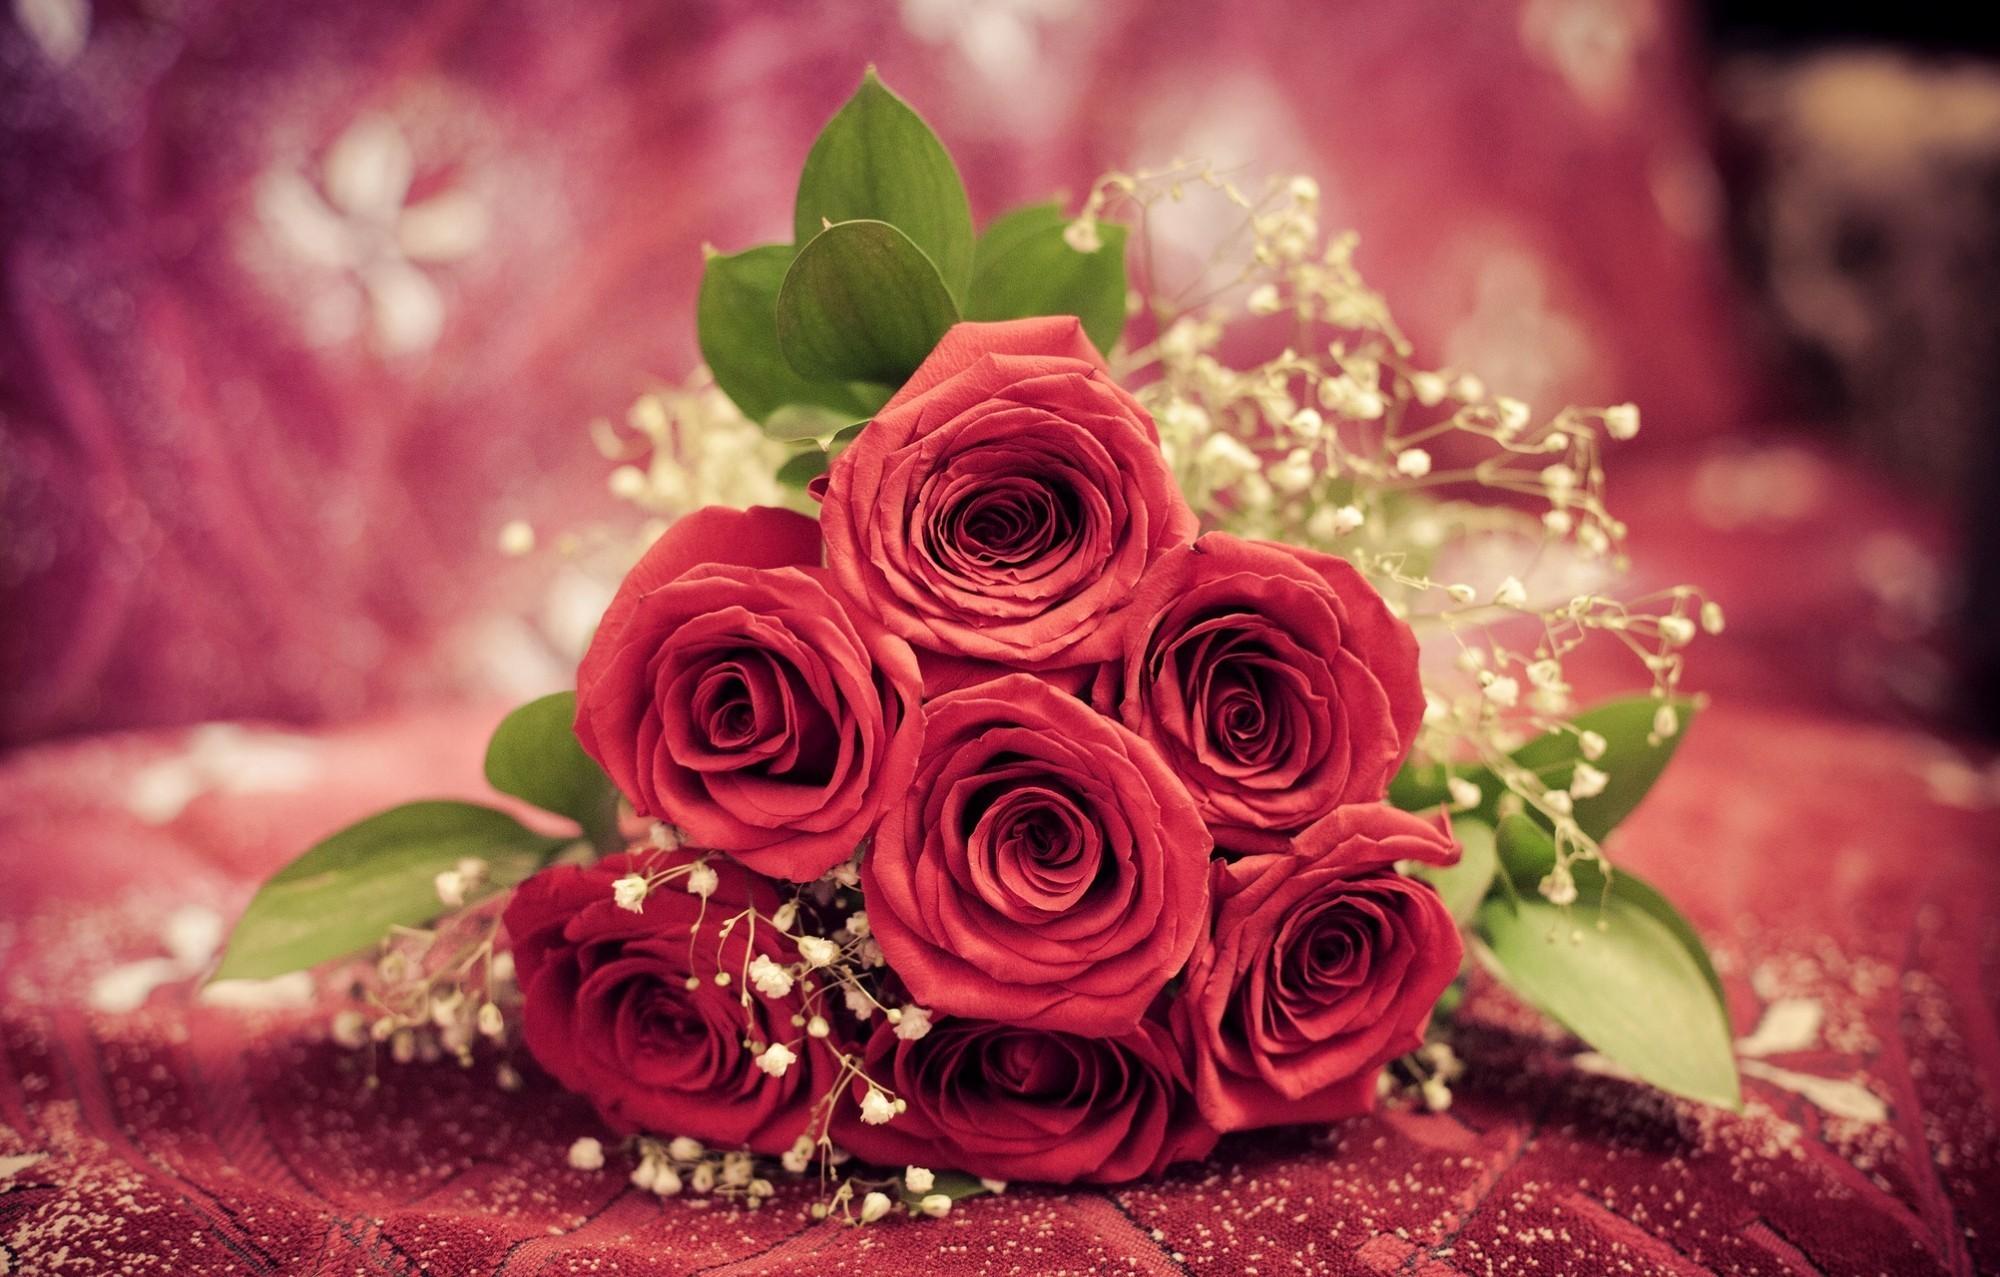 Розы букет  № 3014992  скачать